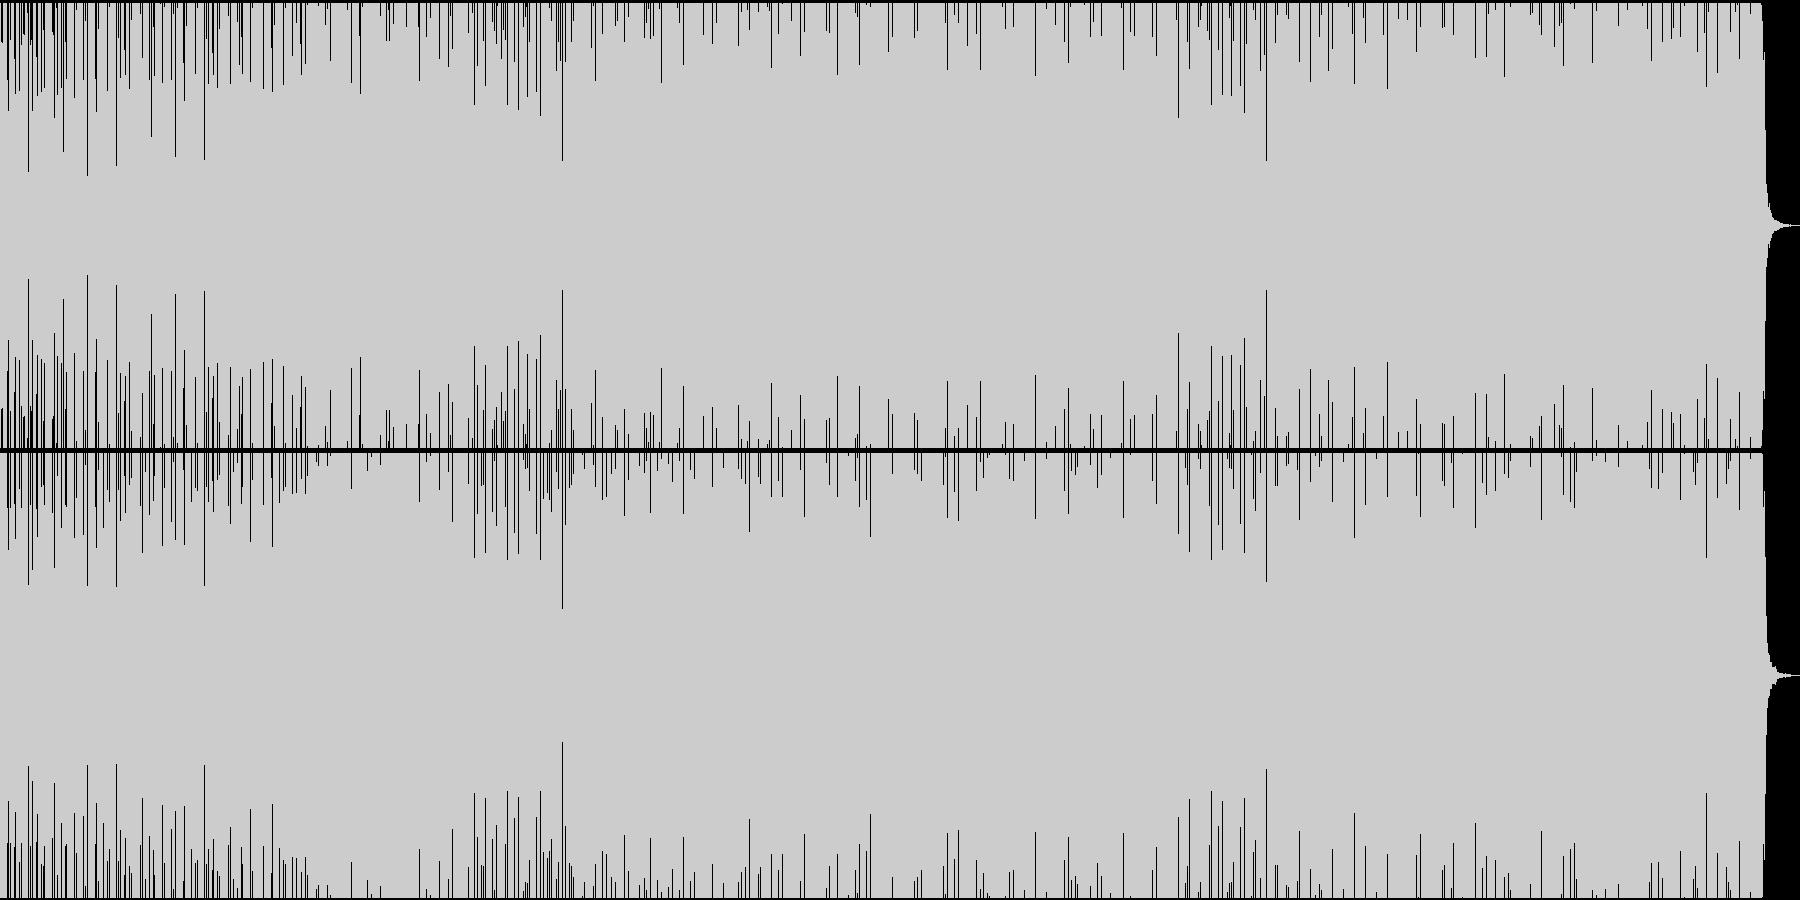 フィットネス・緊張感・ステディ・ギターの未再生の波形